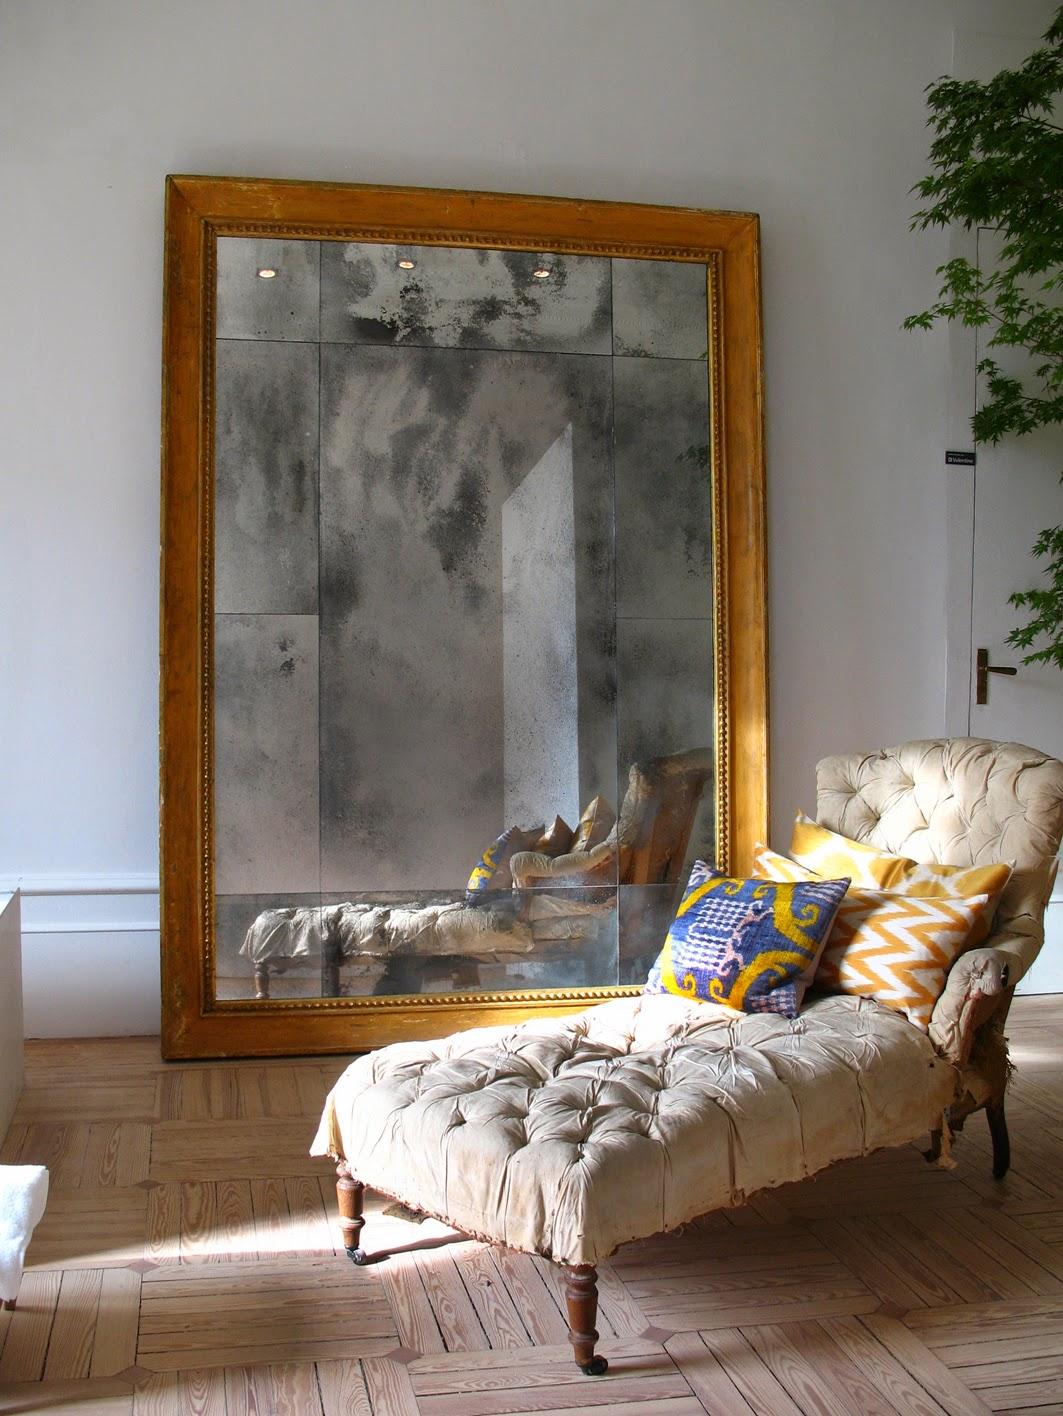 Byelisabethnl Interior Design Luis Puerta Inspiring Spanish Interior Designer